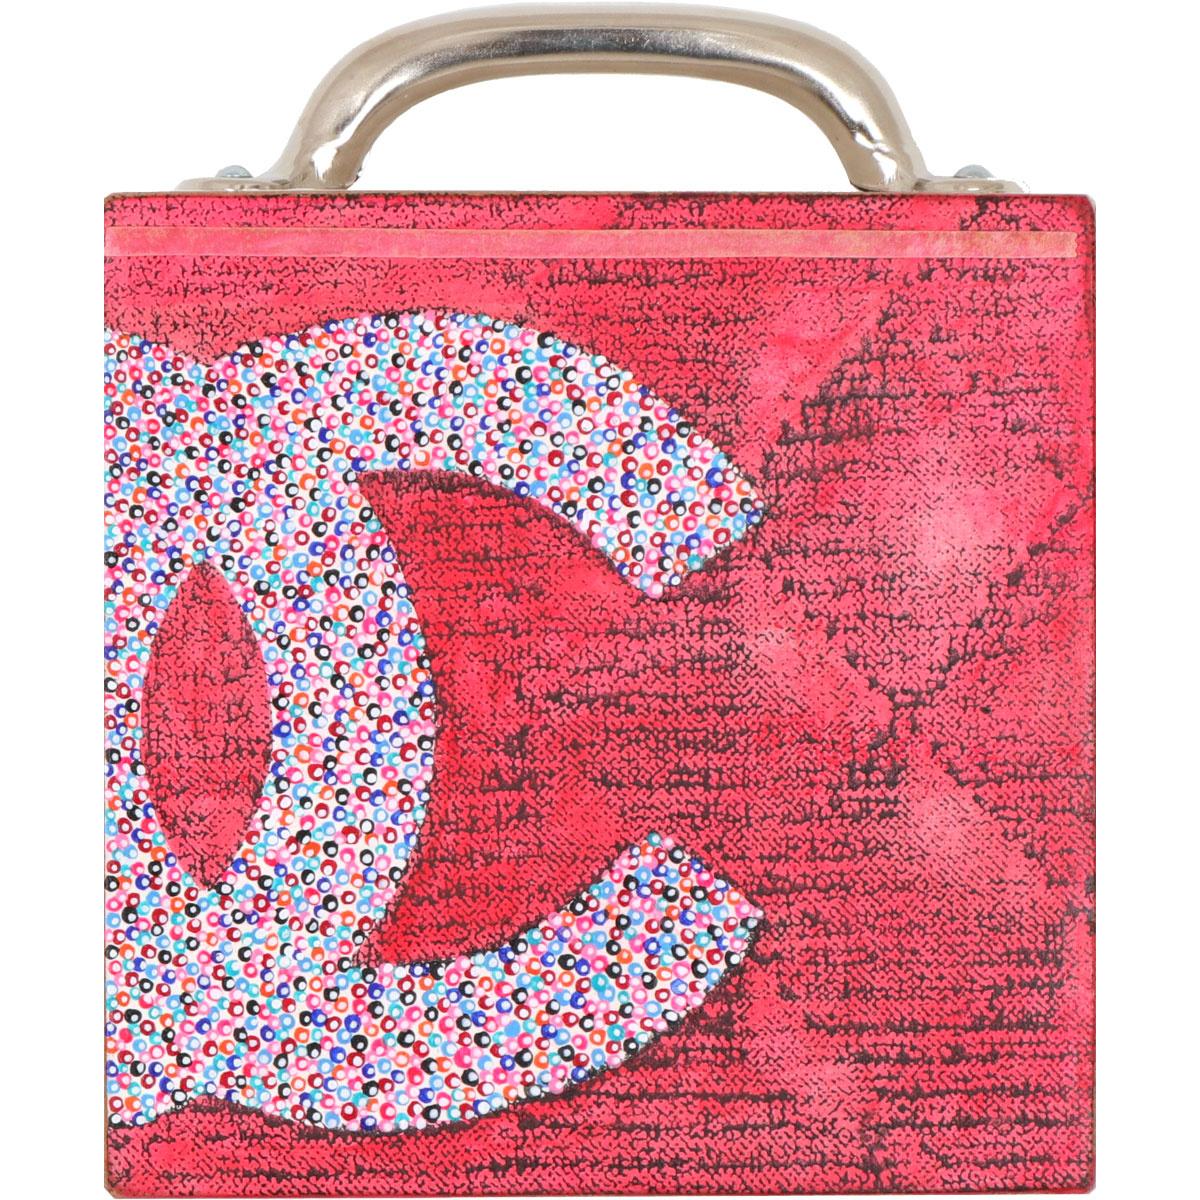 Chanel Bag von Kati Elm